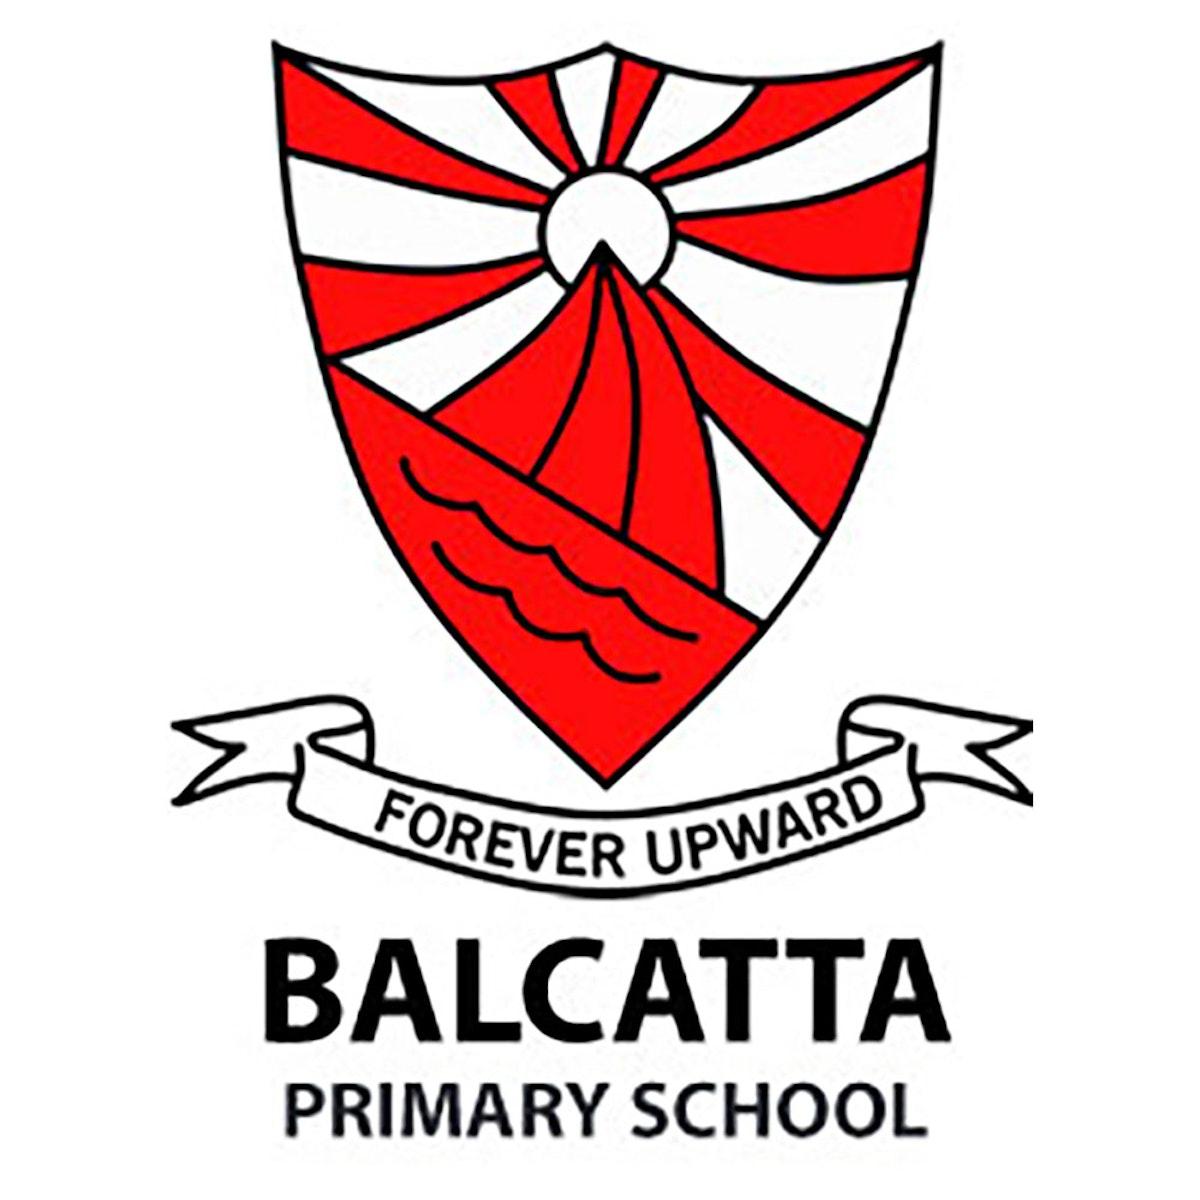 Balcatta-Web-logo